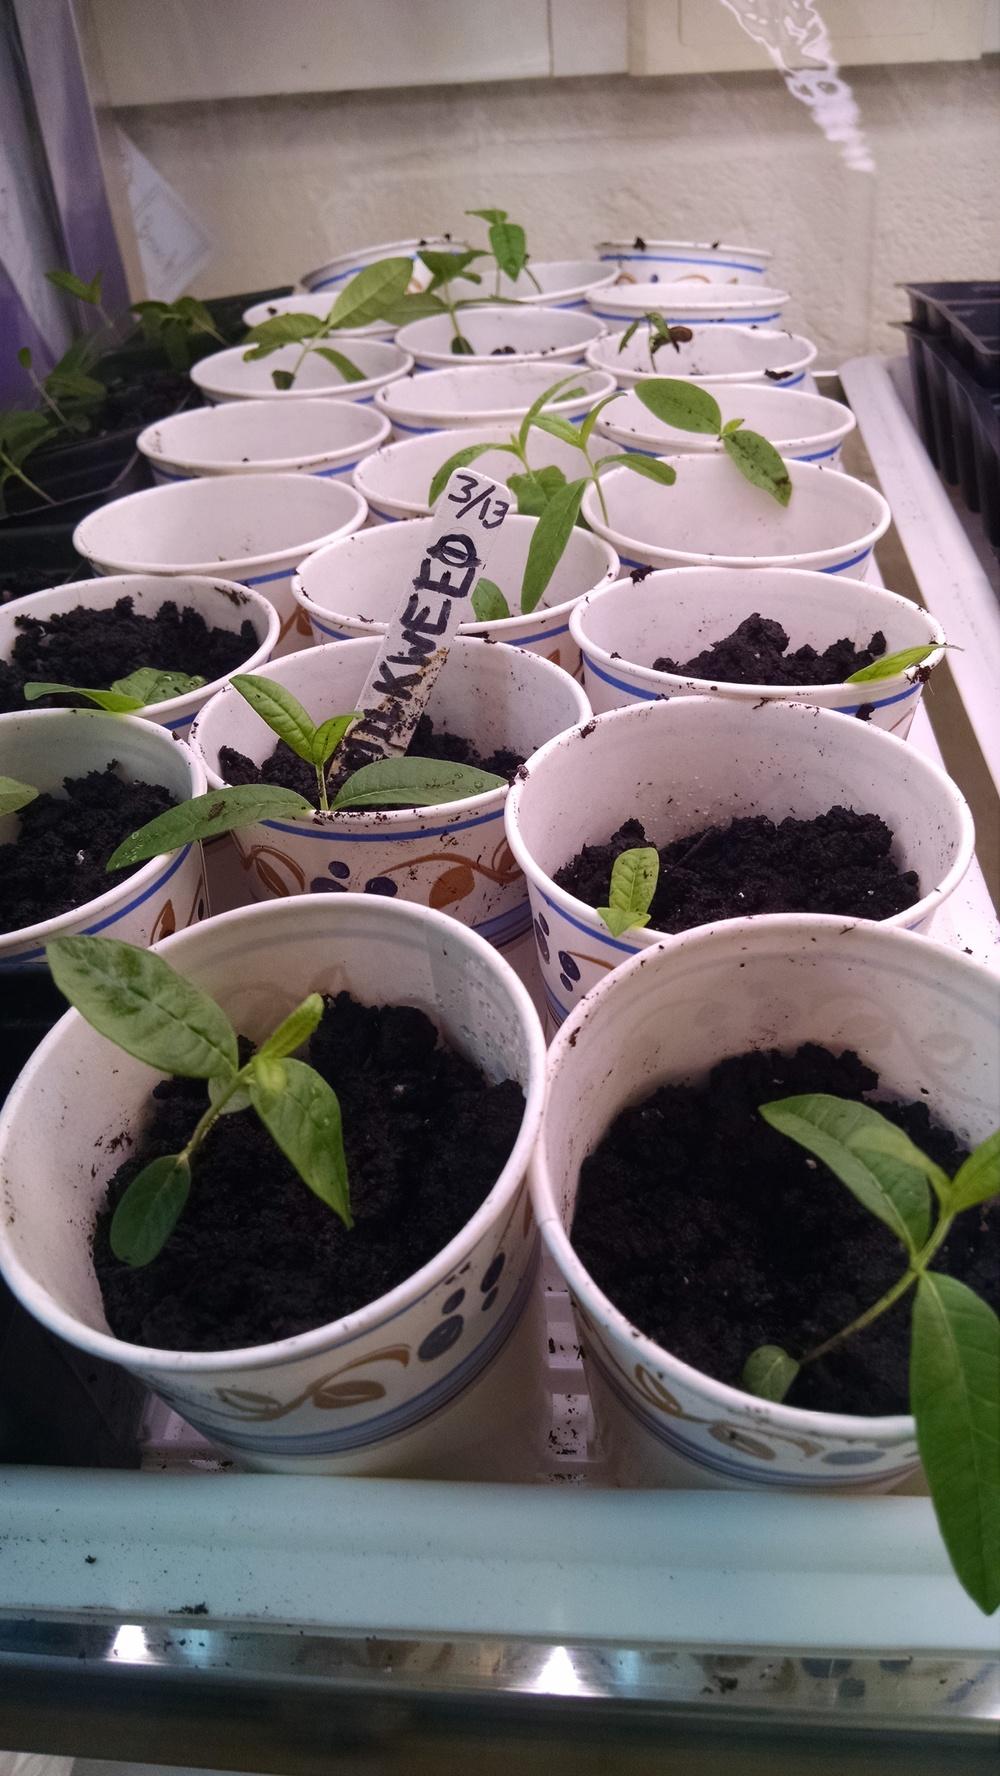 More transplanting...